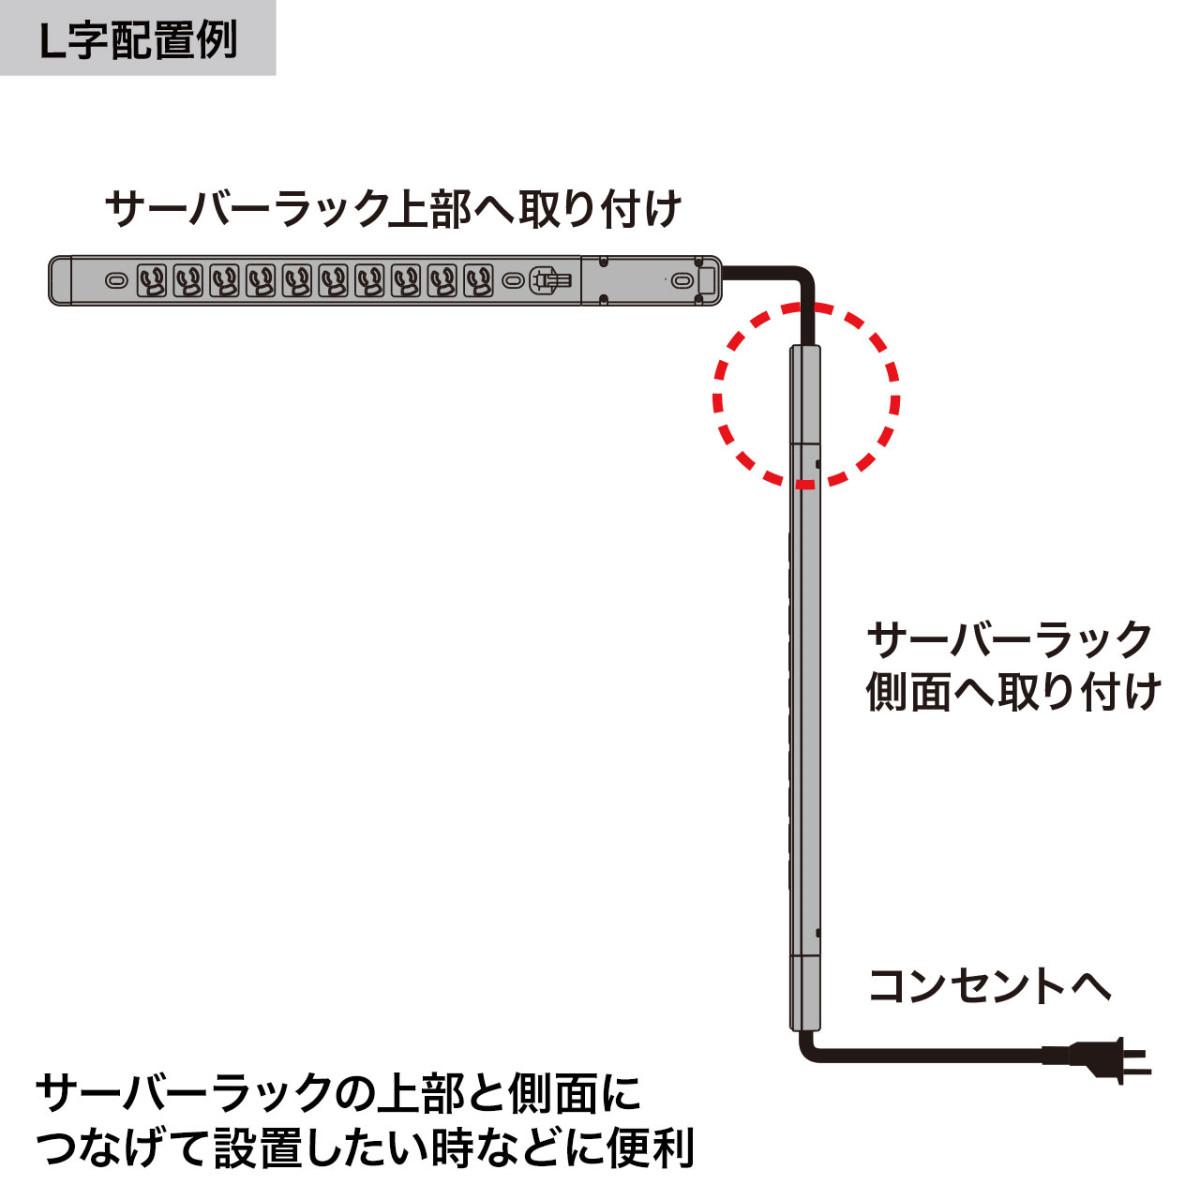 [TAP-ME7051T04] サーバーラック用 コンセントバーのコード付き延長アダプタ 15A